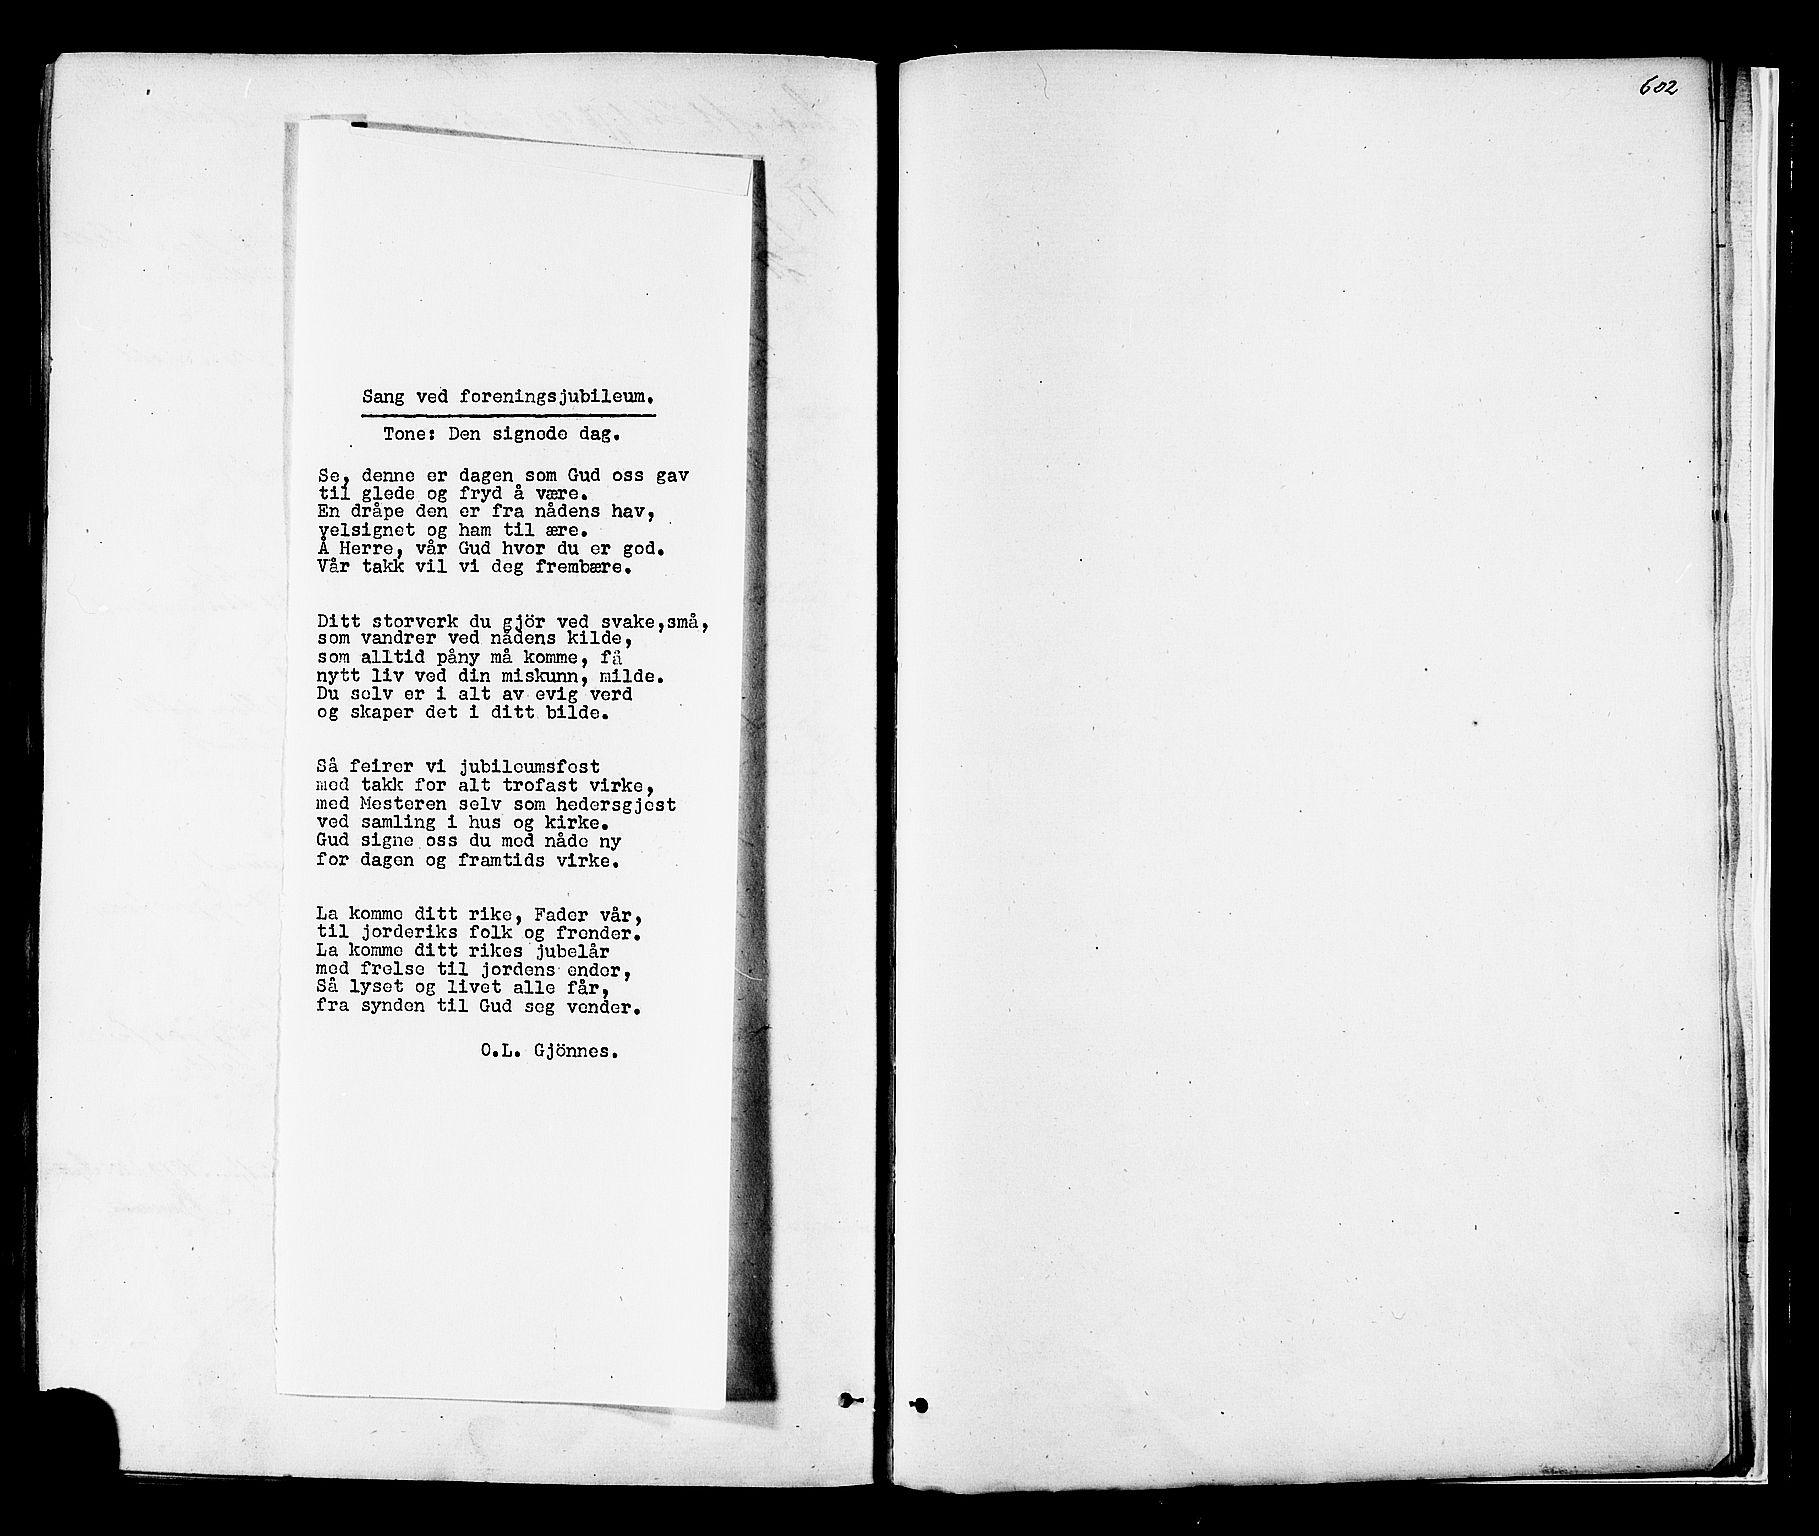 SAT, Ministerialprotokoller, klokkerbøker og fødselsregistre - Sør-Trøndelag, 606/L0293: Ministerialbok nr. 606A08, 1866-1877, s. 602